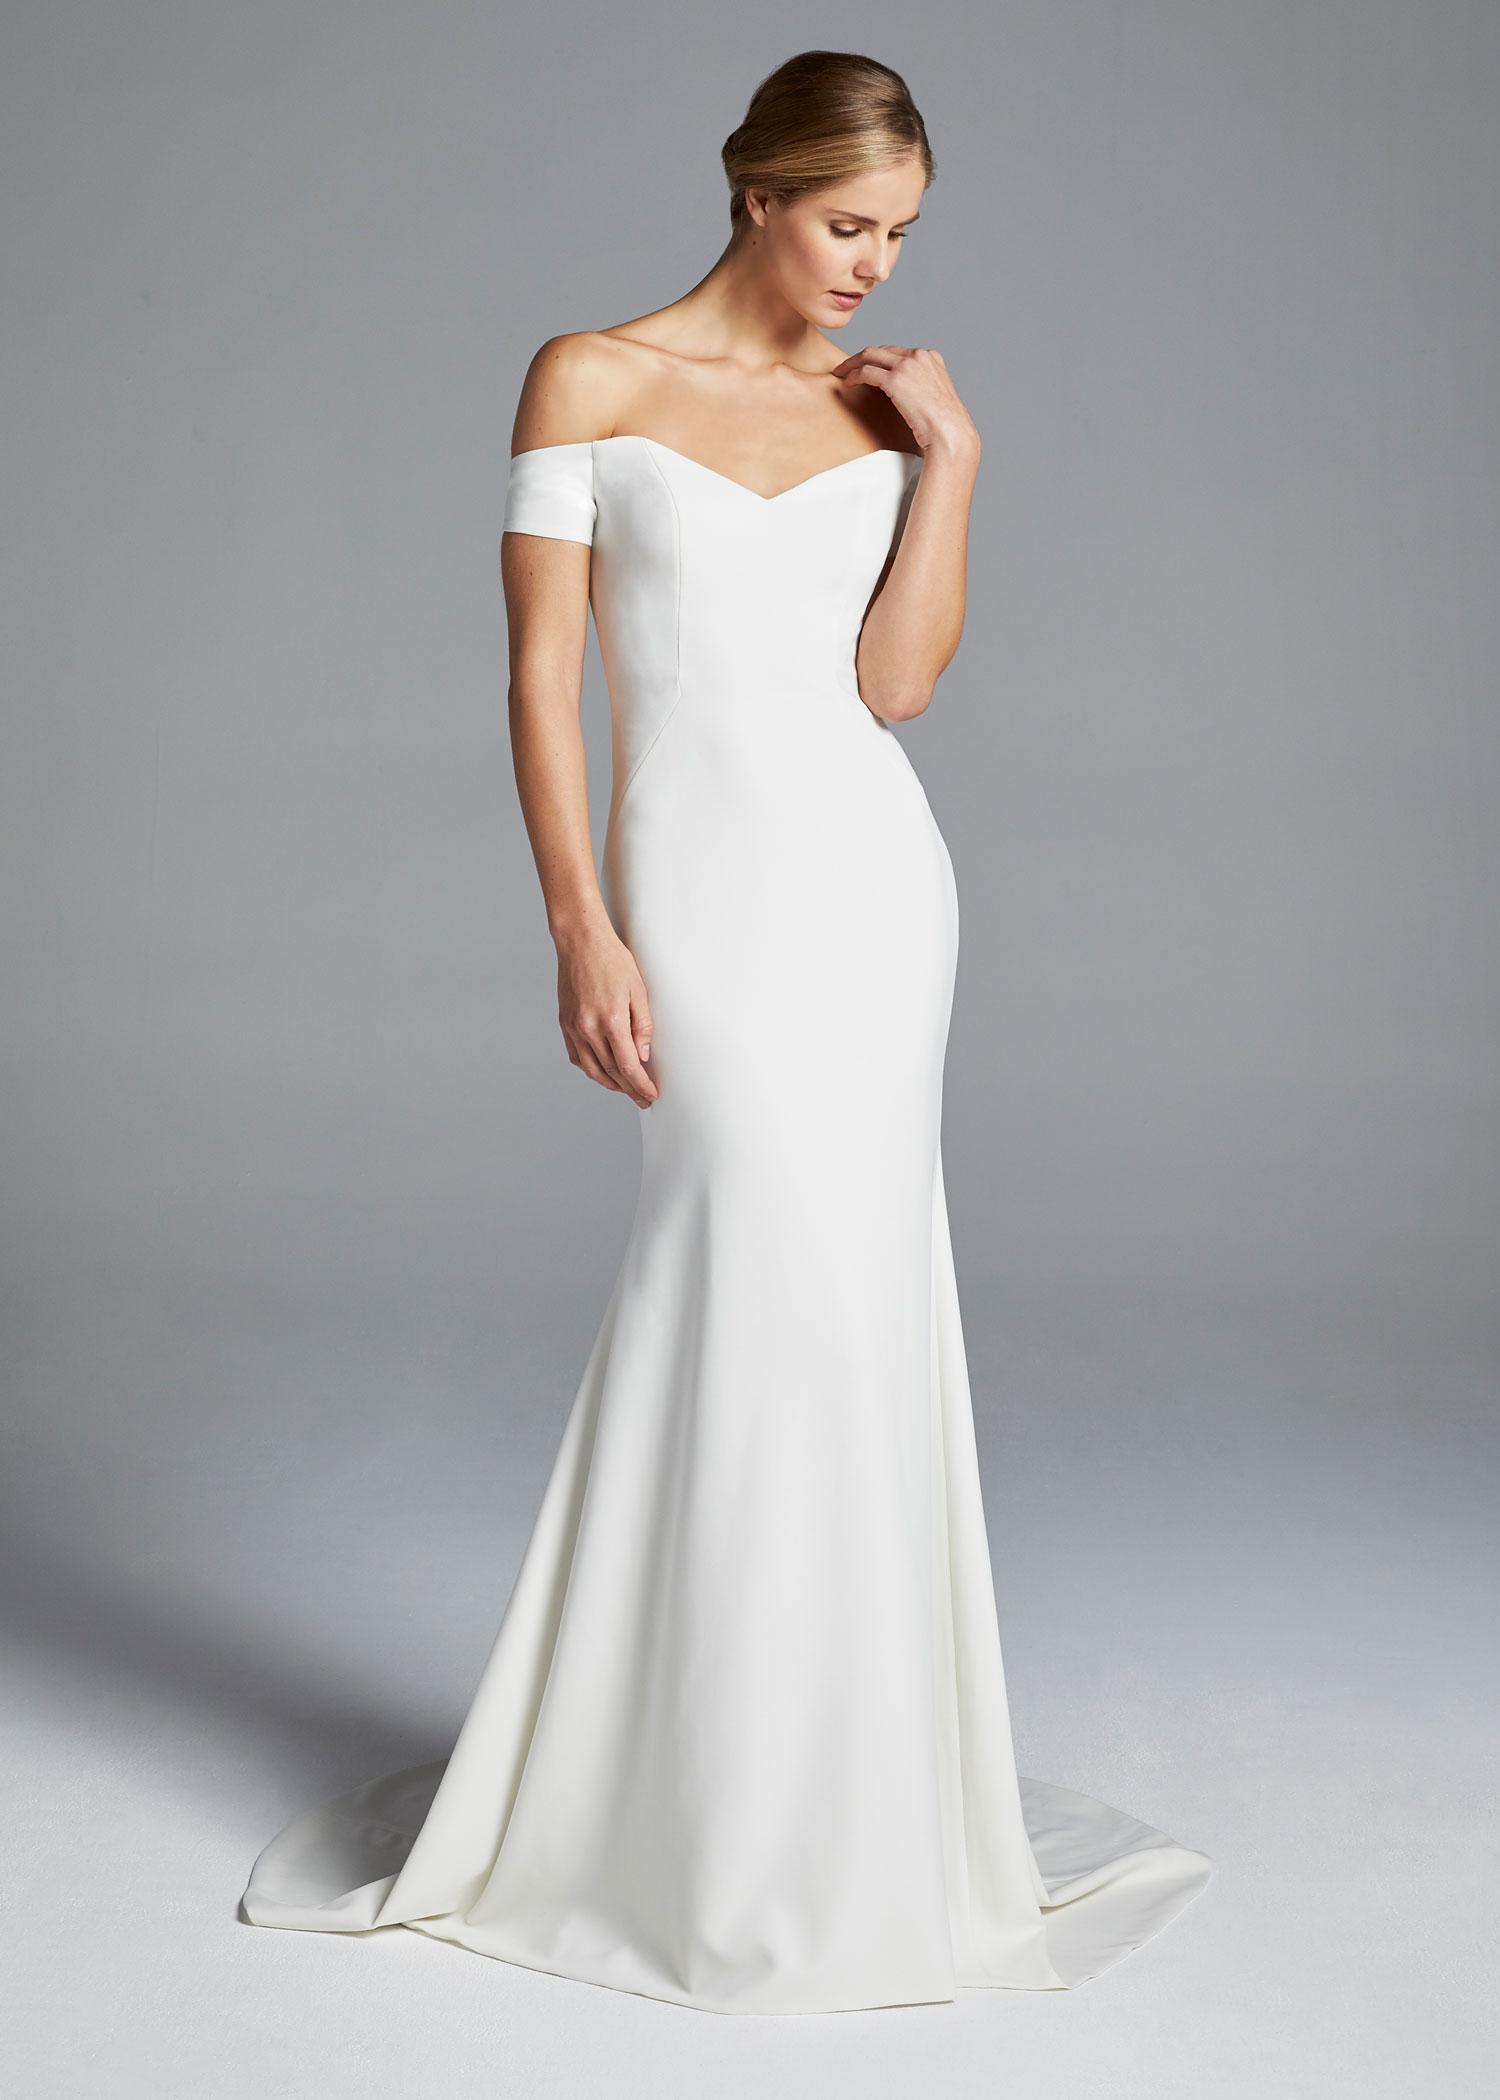 Anne Barge minimalist design off shoulder bridal gown meghan markle royal wedding inspiration